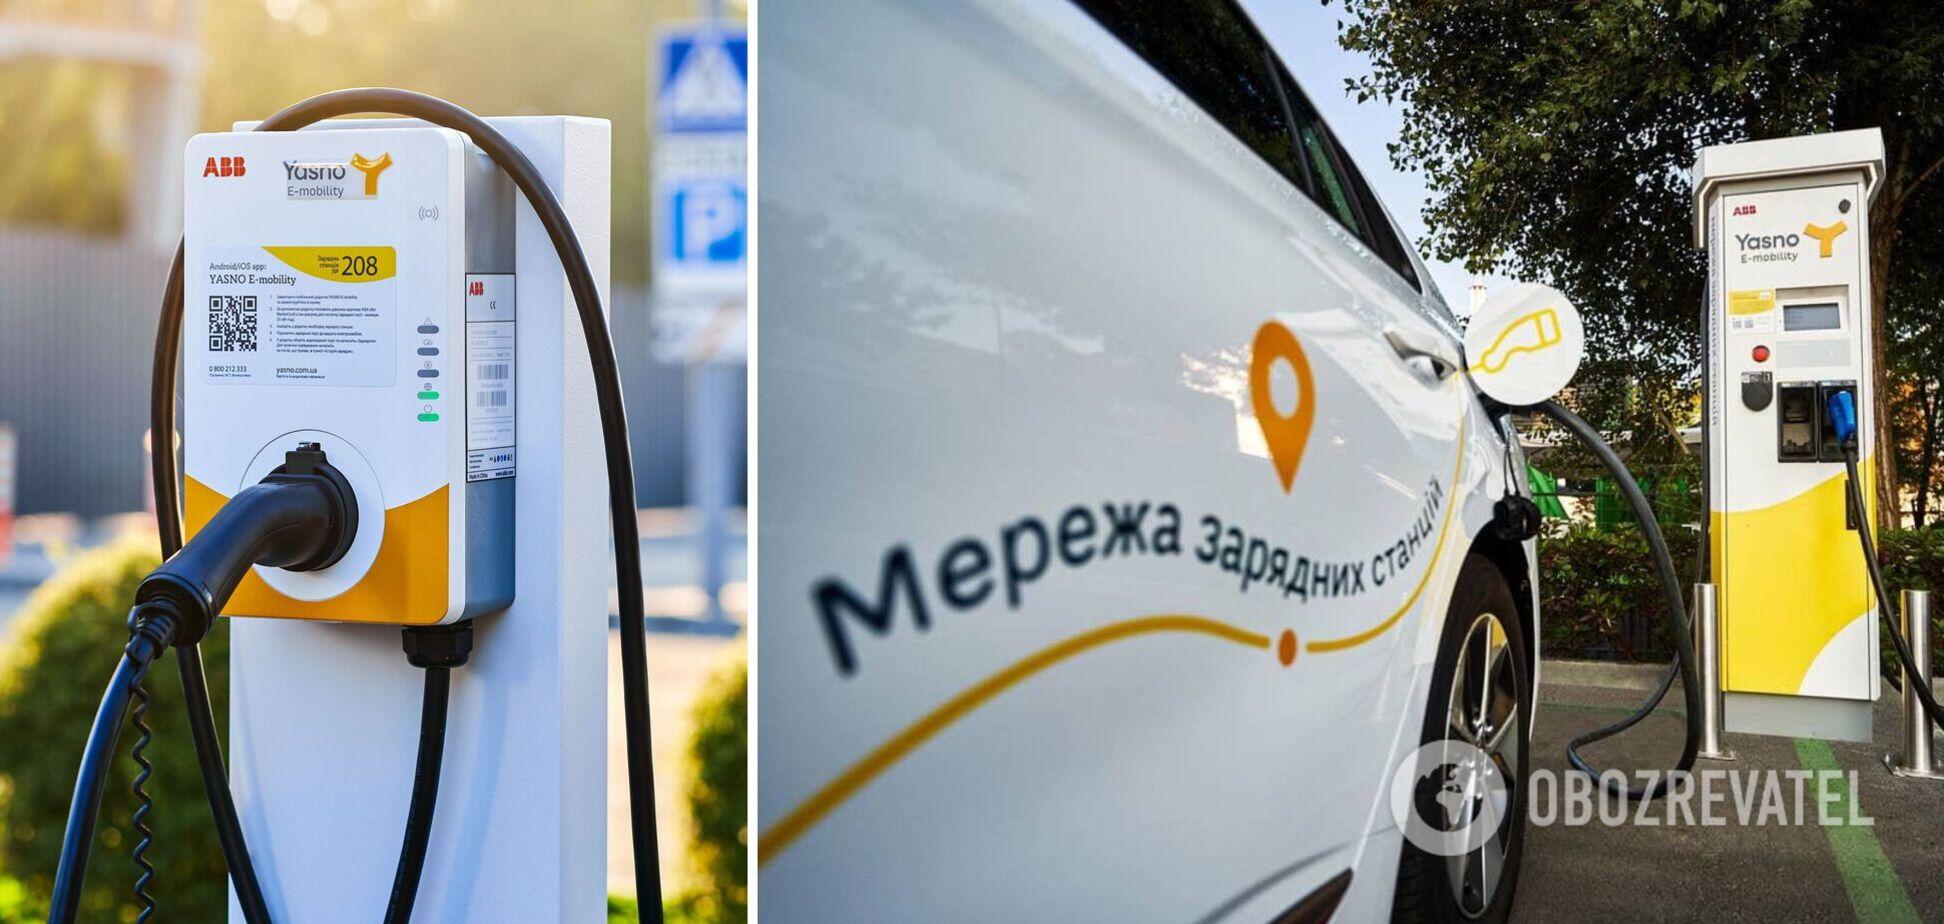 YASNO инвестировала 35 млн грн на установку скоростных зарядных станций для электромобилей